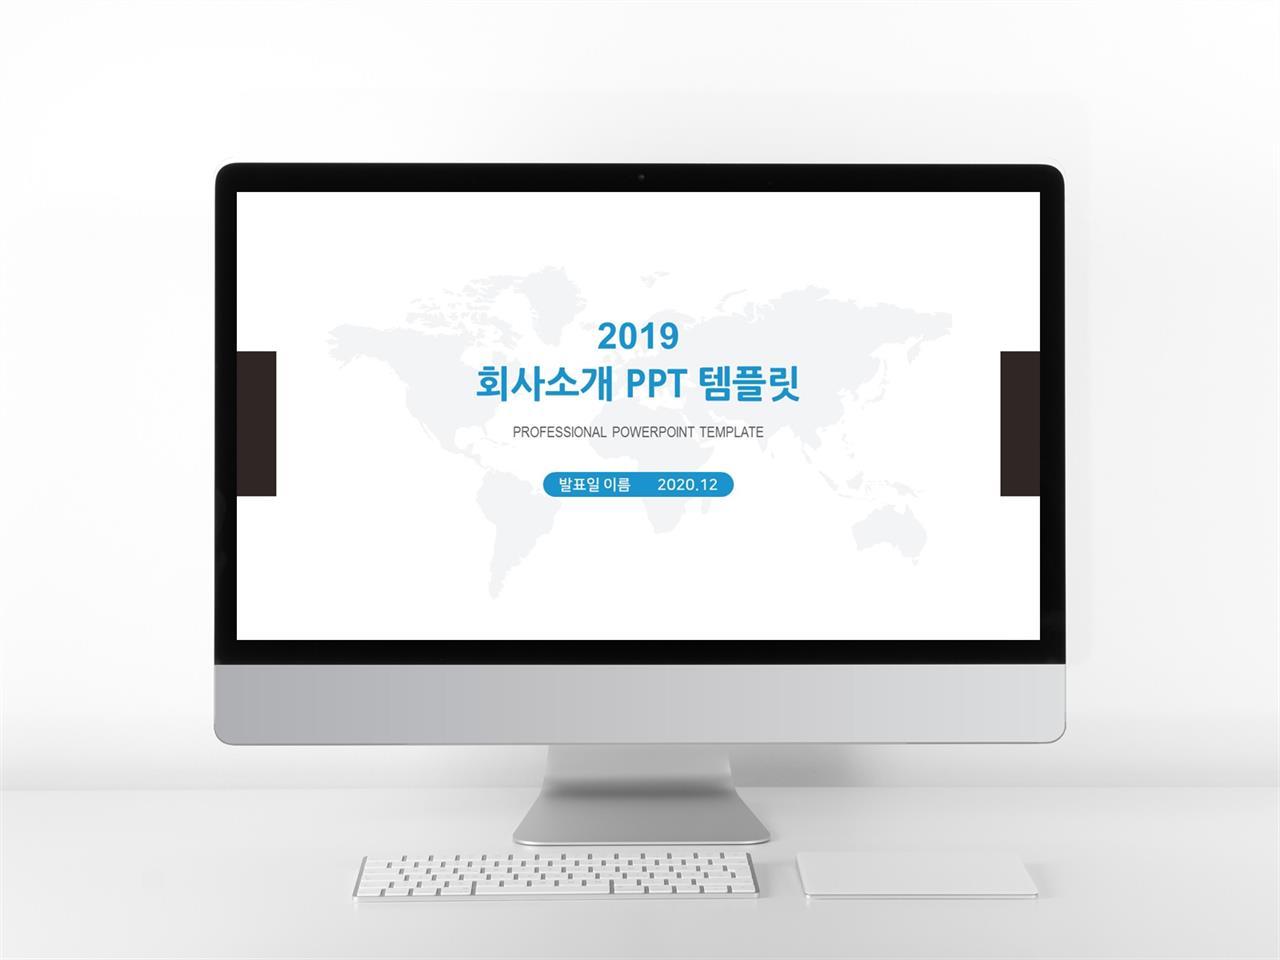 회사소개 블루 베이직 프로급 PPT템플릿 사이트 미리보기